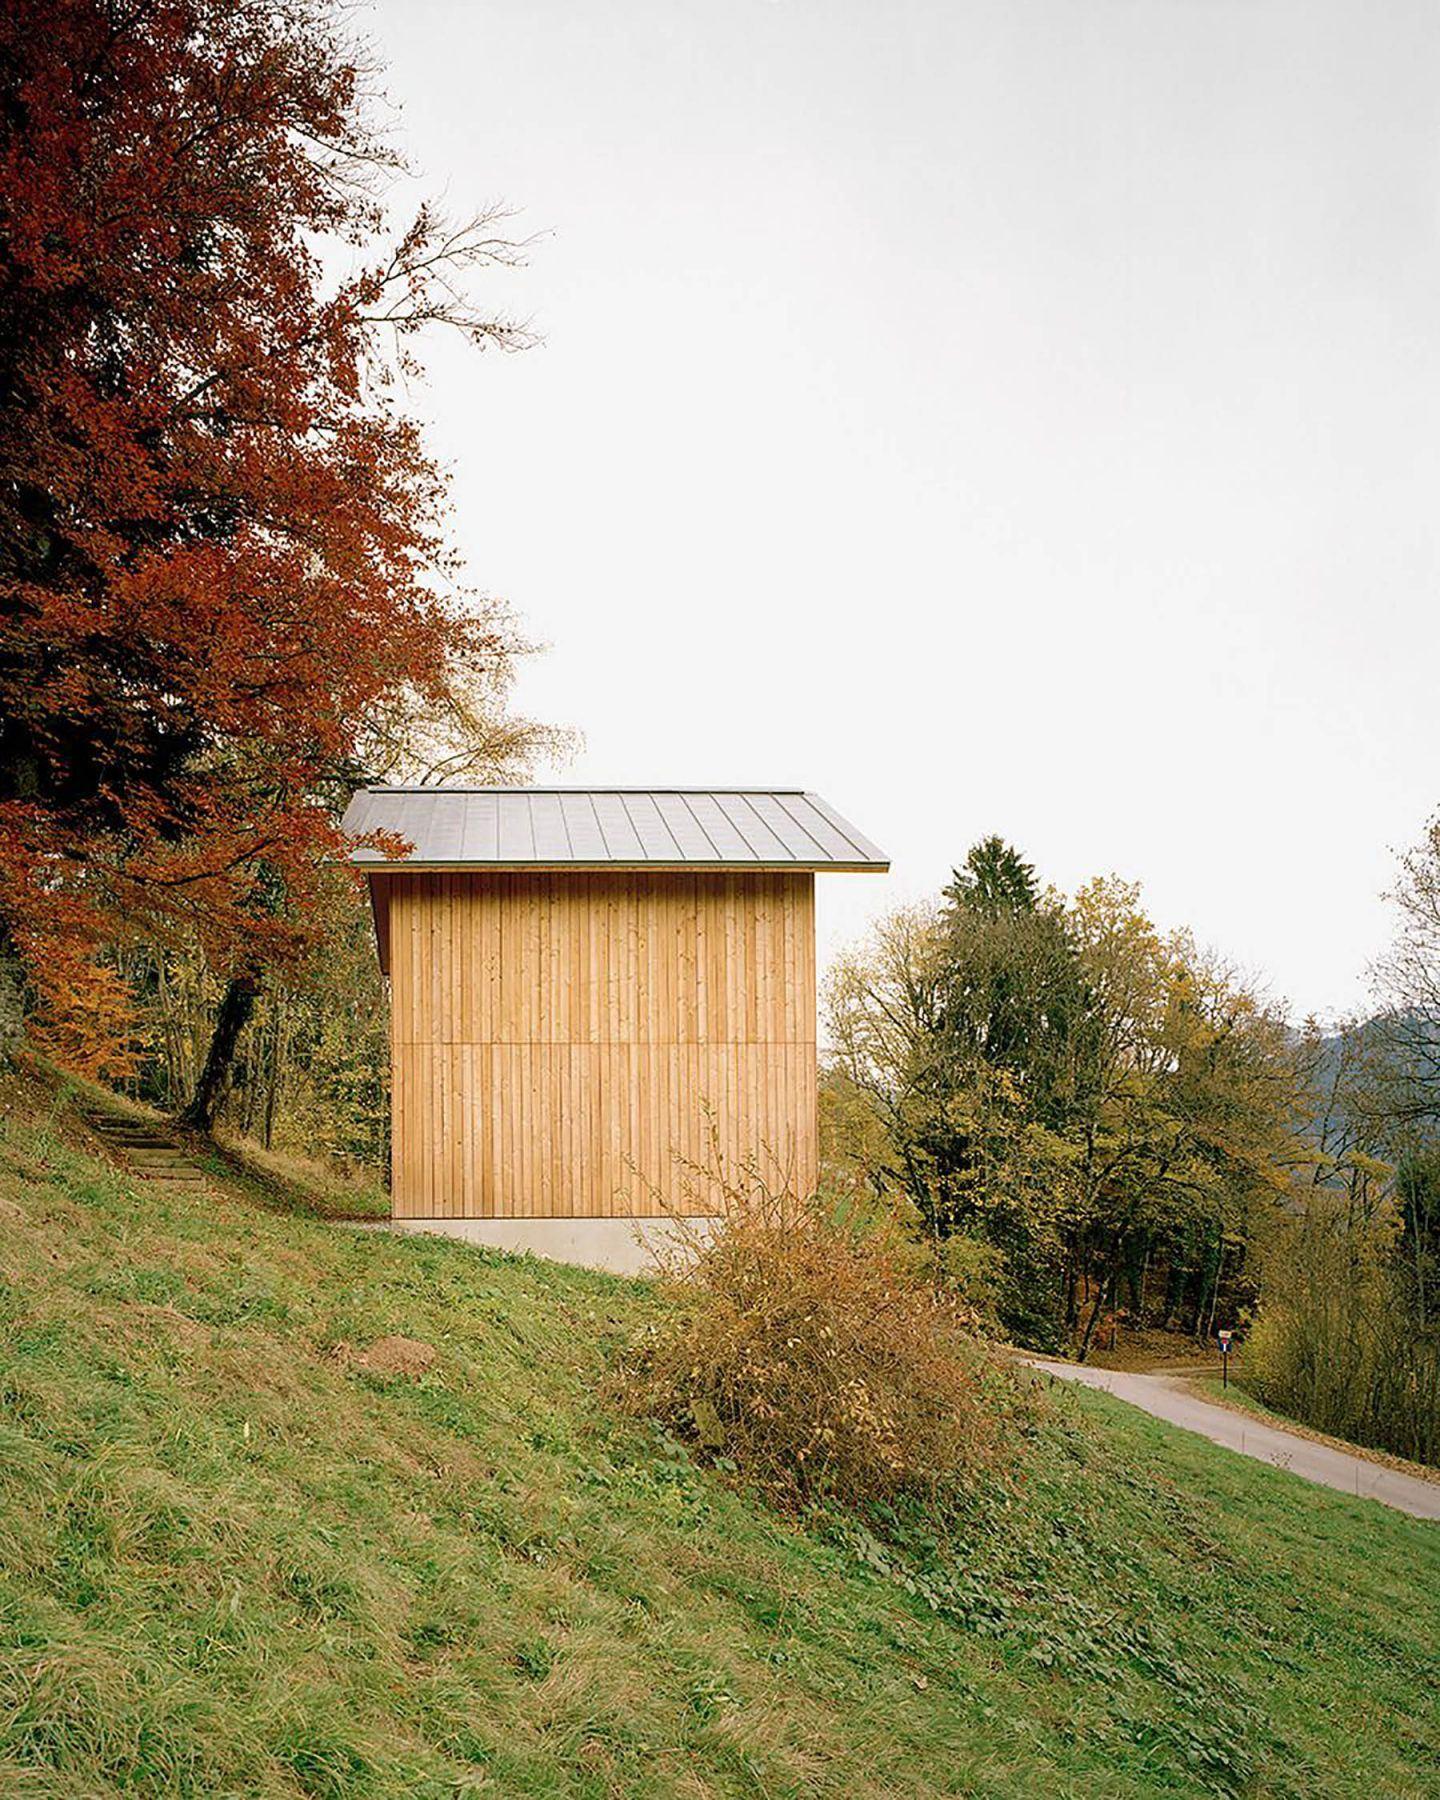 IGNANT-Architecture-Joachim-Fritschy-Frit01-2